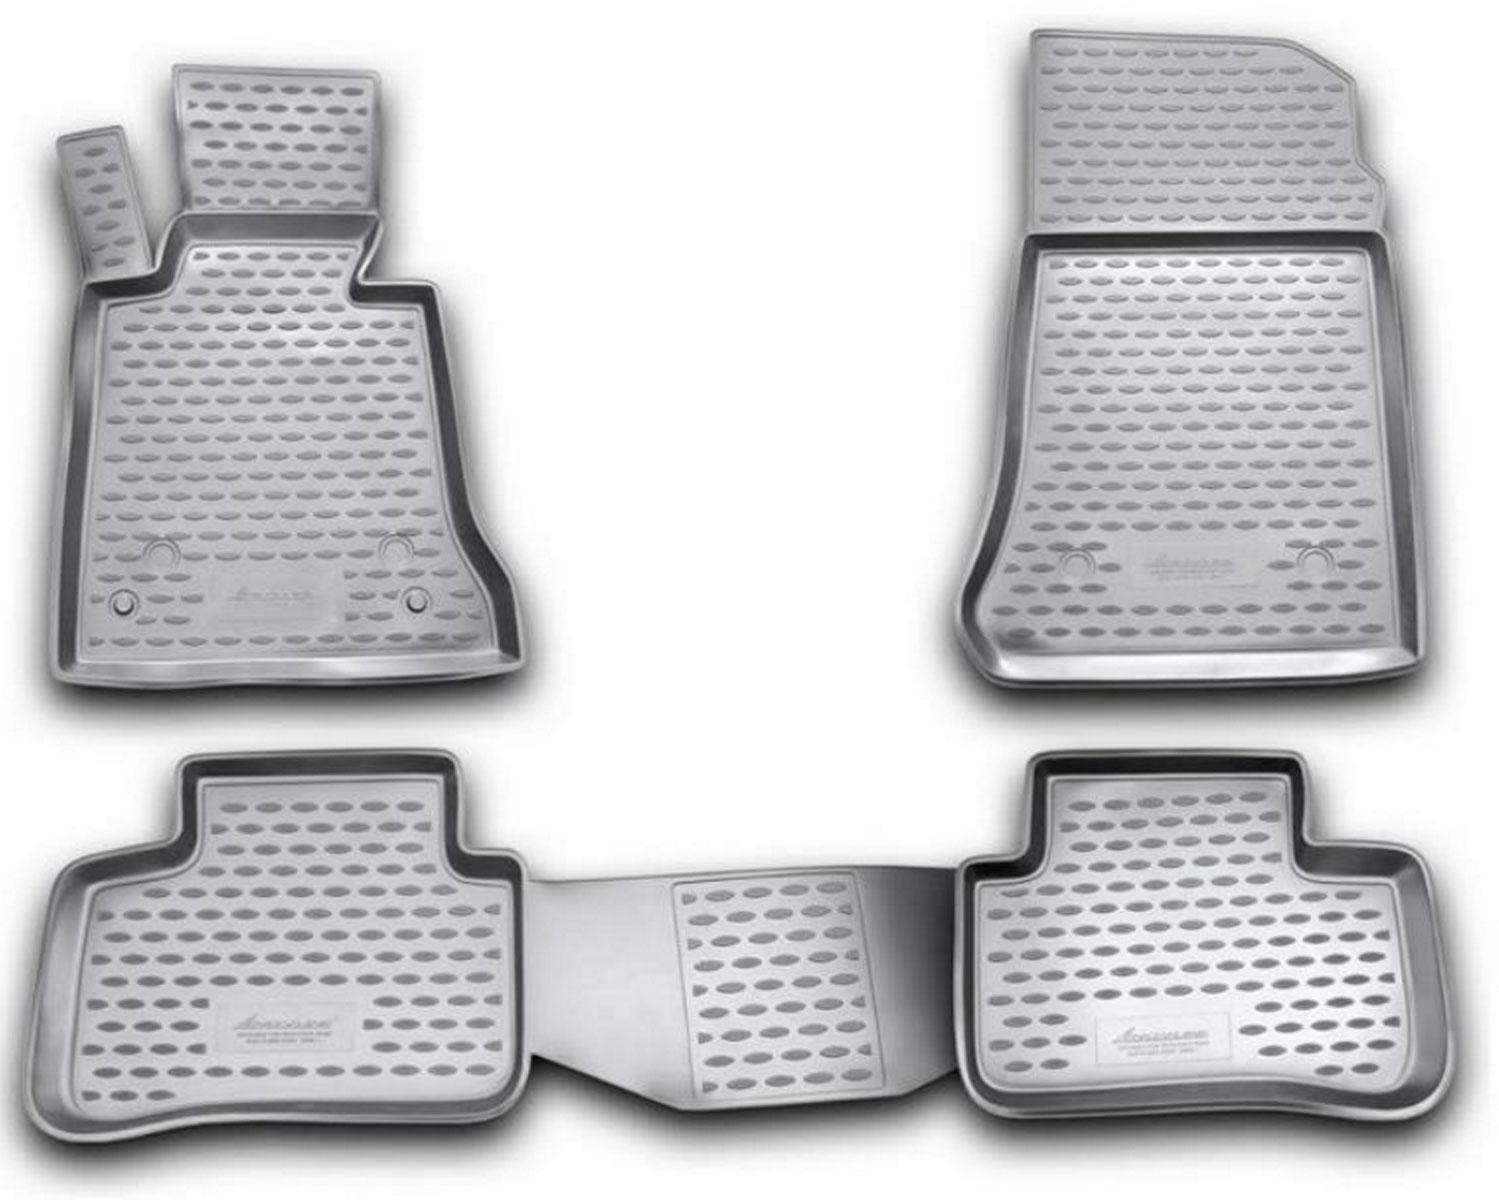 Коврики в салон автомобиля Novline-Autofamily для Mercedes-Benz GLK x204, 2008 -, 4 штNLC.34.22.210kКоврики Novline-Autofamily улучшат внешний вид салона автомобиля и надежно уберегут его от пыли, грязи и сырости, а значит, защитят кузов от коррозии. Полиуретановые коврики гладкие, приятные и не пропускает влагу. Полиуретановые автомобильные коврики произведены из высококачественного материала, который держит форму и не пачкает обувь. Коврики надежно крепятся на полу и не скользят, что очень важно во время движения, особенно для водителя. Изделия из полиуретана надежно удерживают грязь и влагу, при этом всегда выглядят довольно опрятно. И чистятся они очень просто: как при помощи автомобильного пылесоса, так и различными моющими средствами.